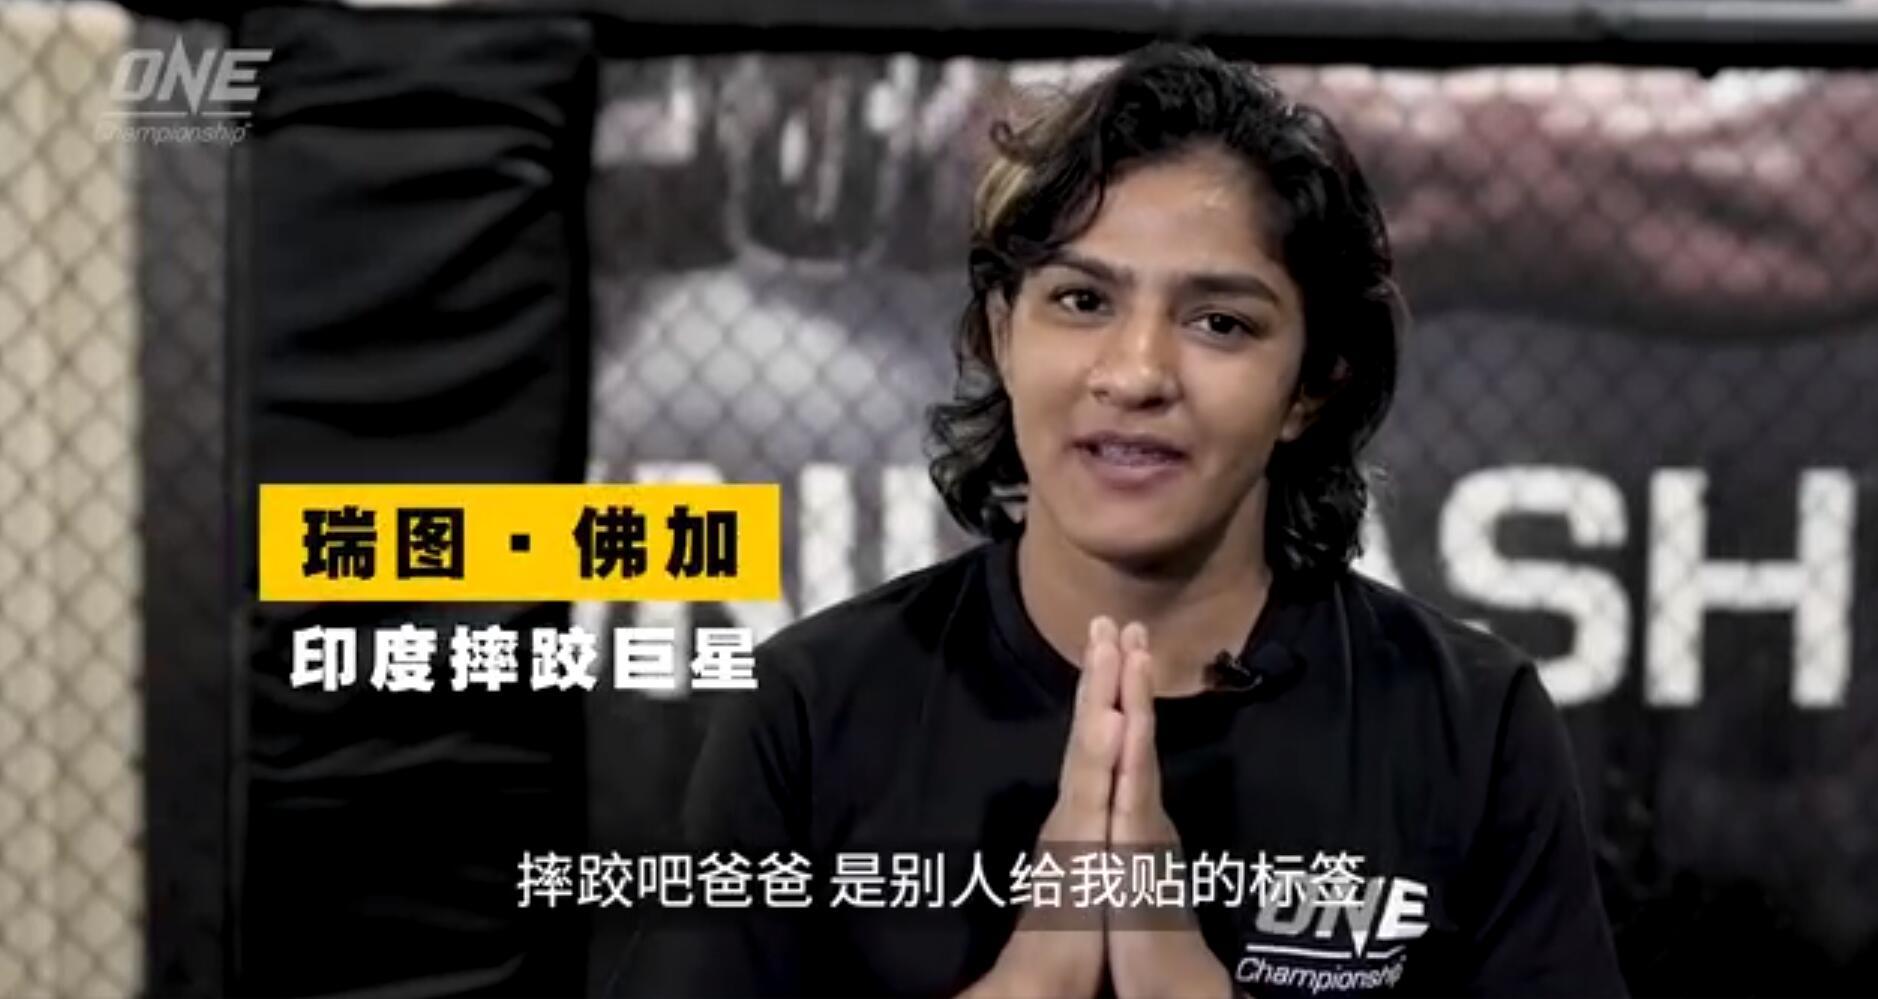 「立博时间」真功夫回应遭李小龙女儿起诉:积极研究案情准备应诉